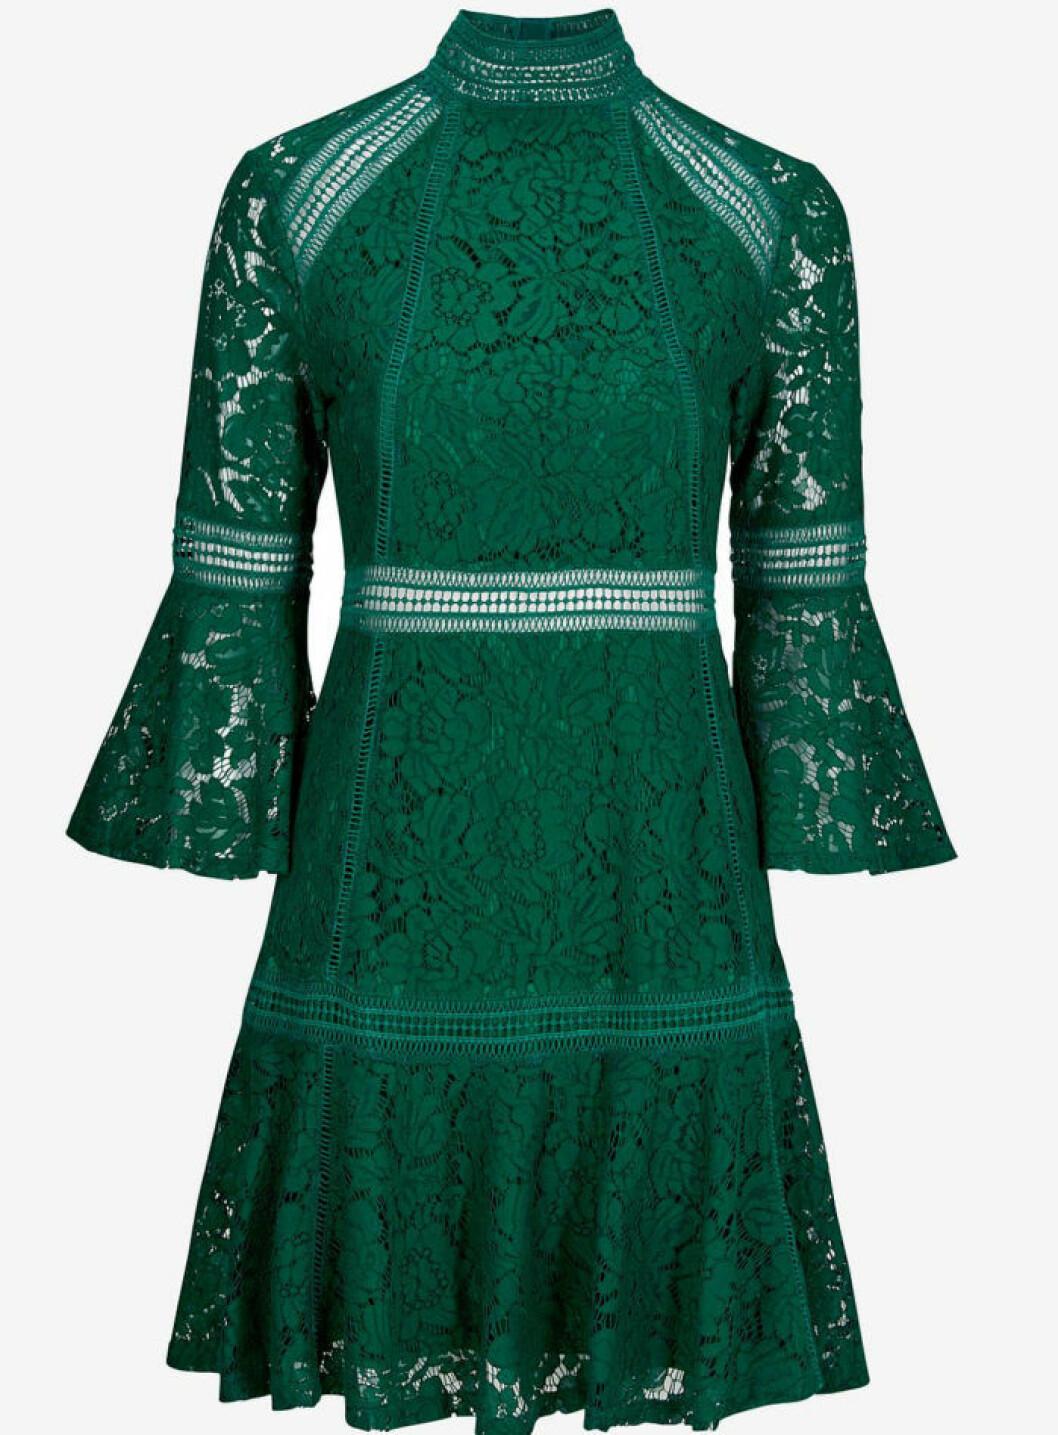 grön spetsklänning nyår 2017